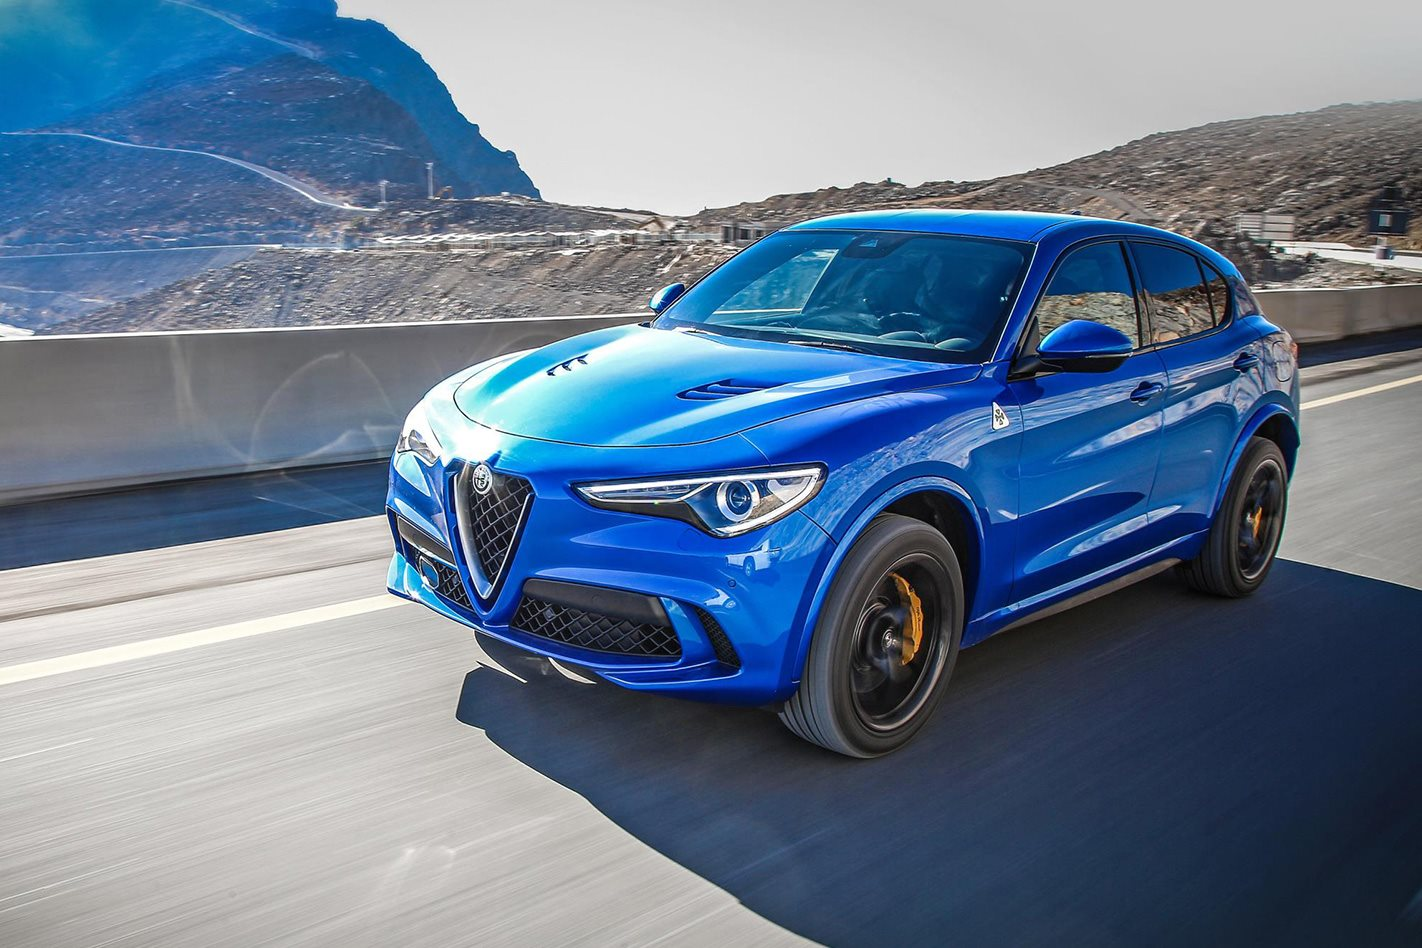 2019 Alfa Romeo Stelvio Quadrifoglio Pricing And Features